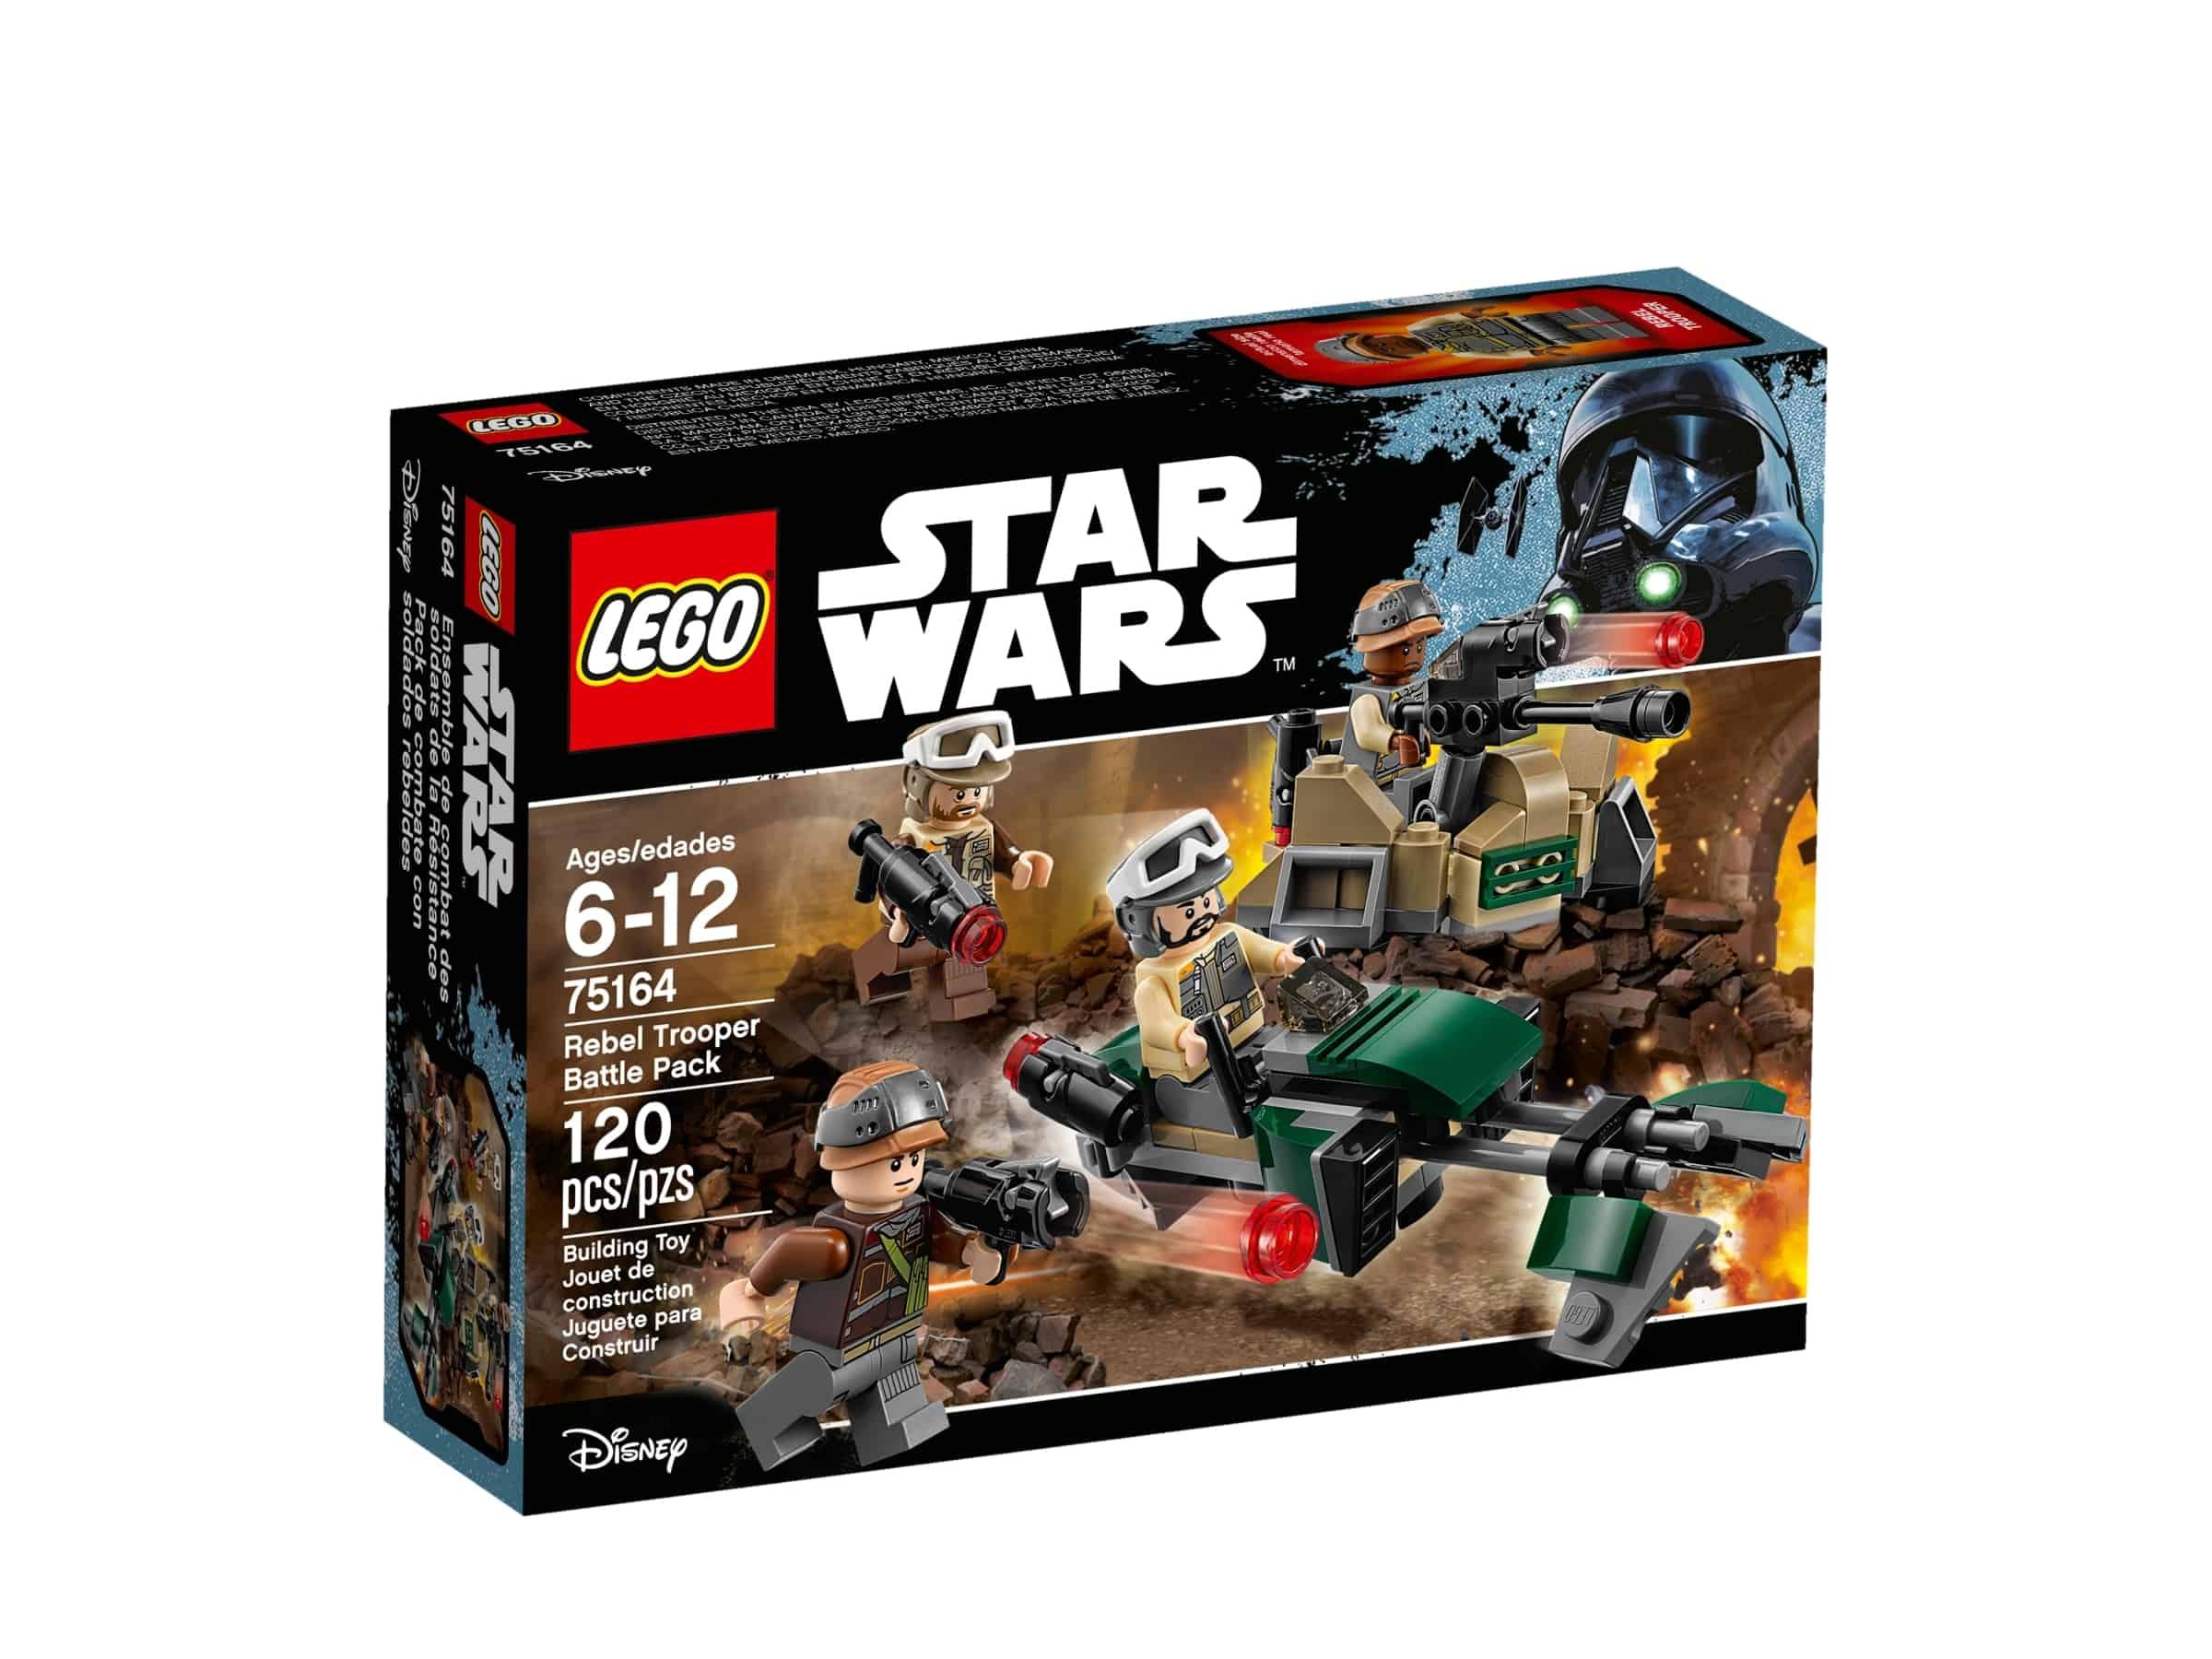 lego 75164 stridspakke med opprorssoldat